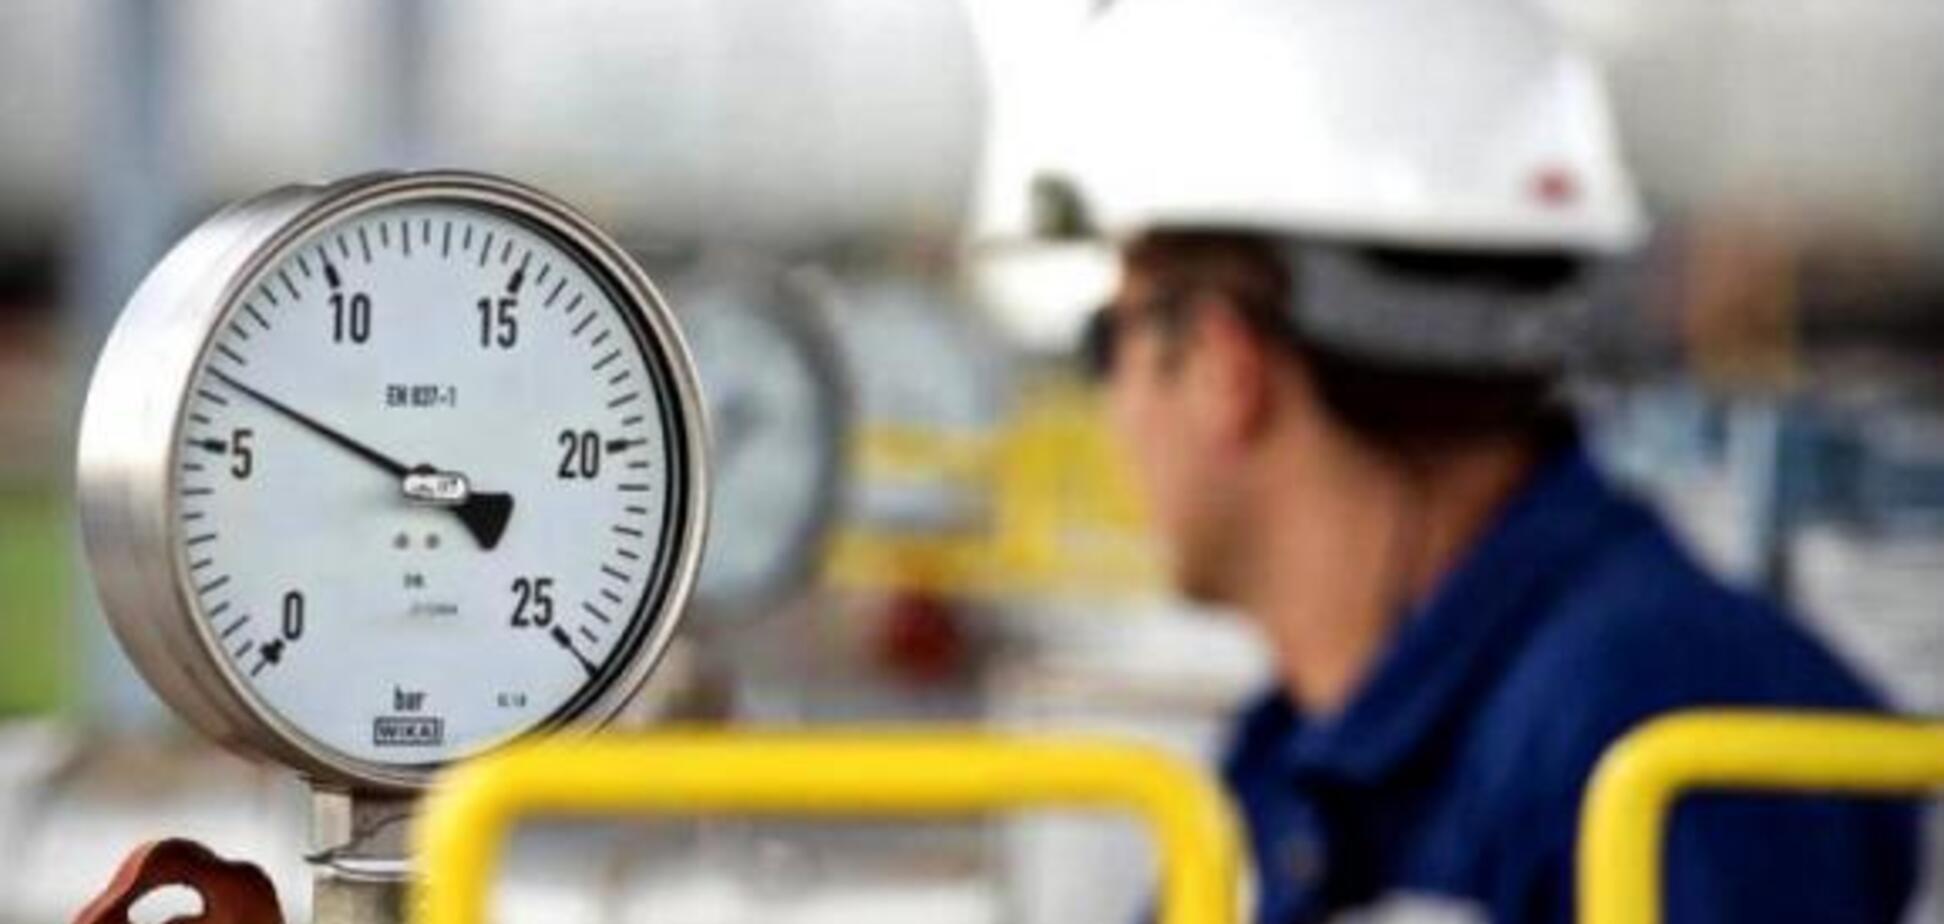 Перекрили повітря: в Європі 'кинули' на гроші російський 'Газпром'